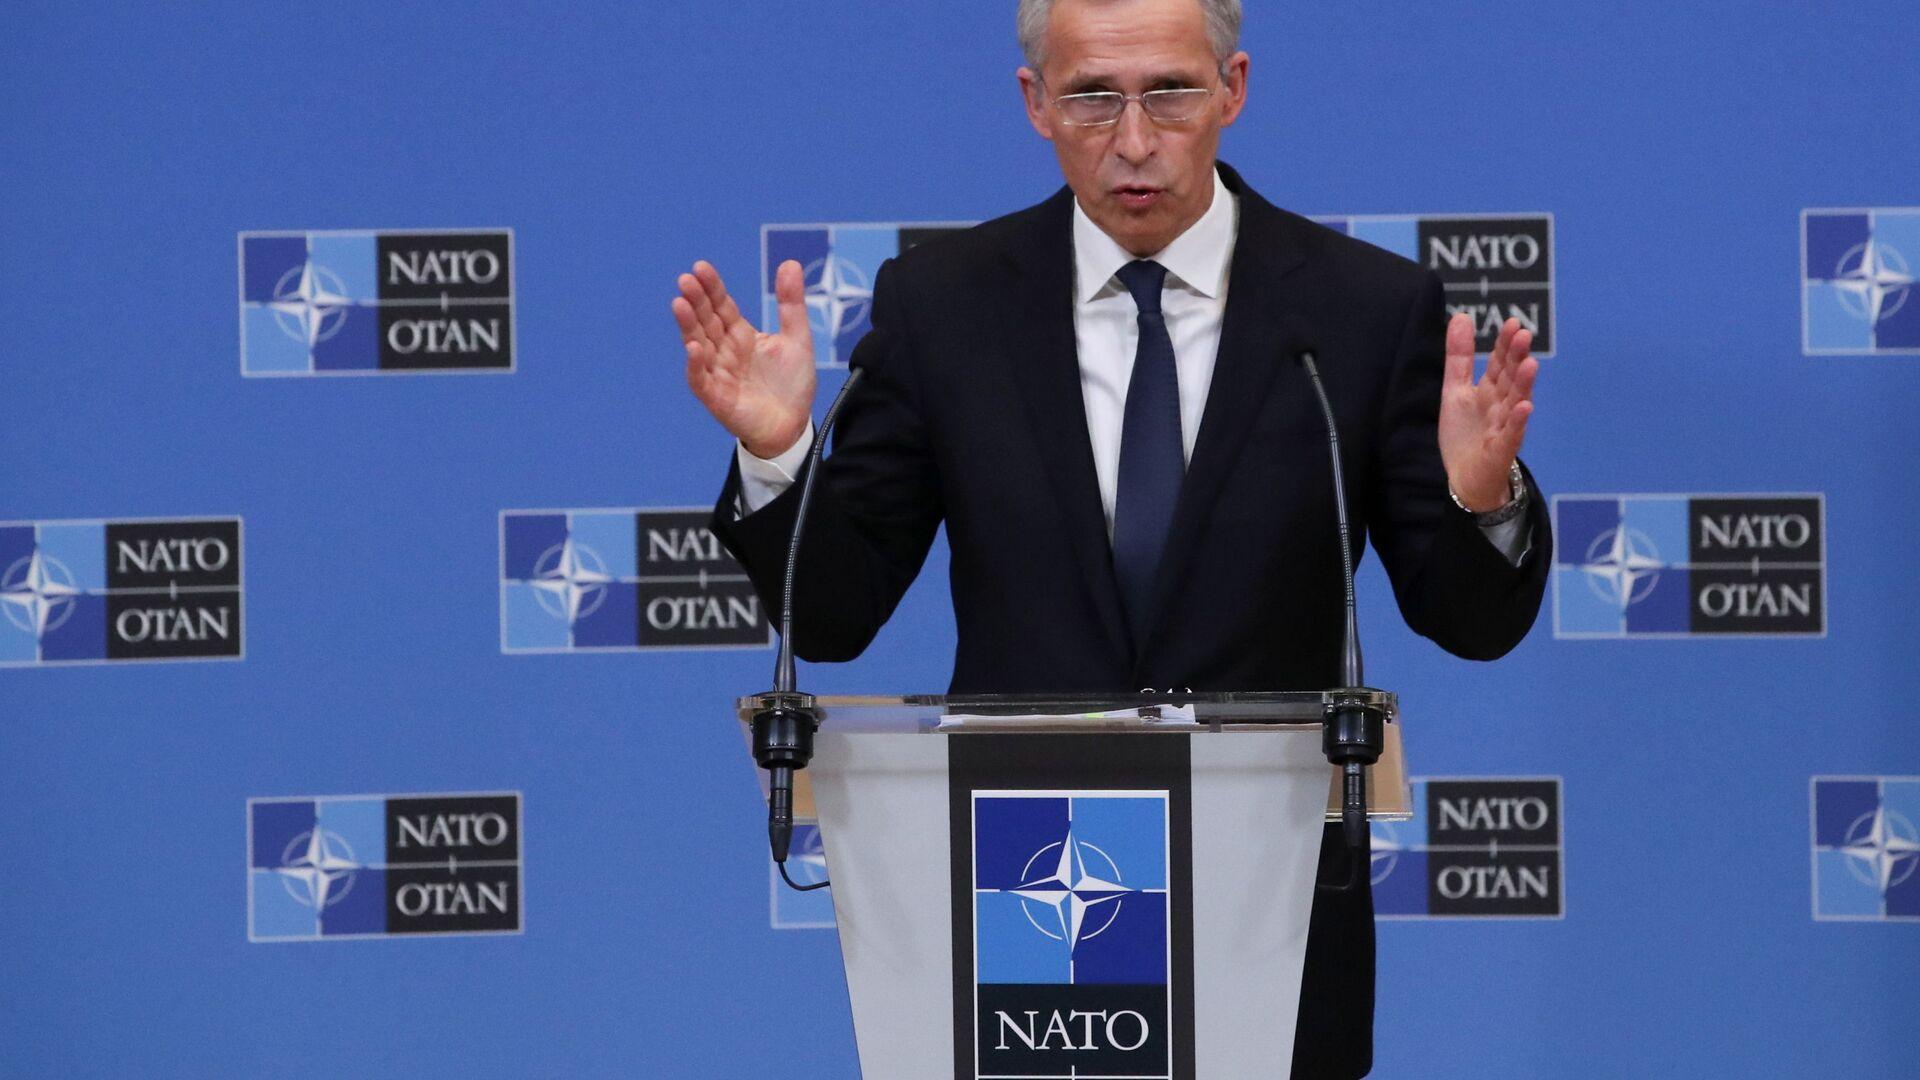 Sekretarz generalny NATO Jens Stoltenberg podczas konferencji prasowej w Brukseli w Belgii - Sputnik Polska, 1920, 23.03.2021